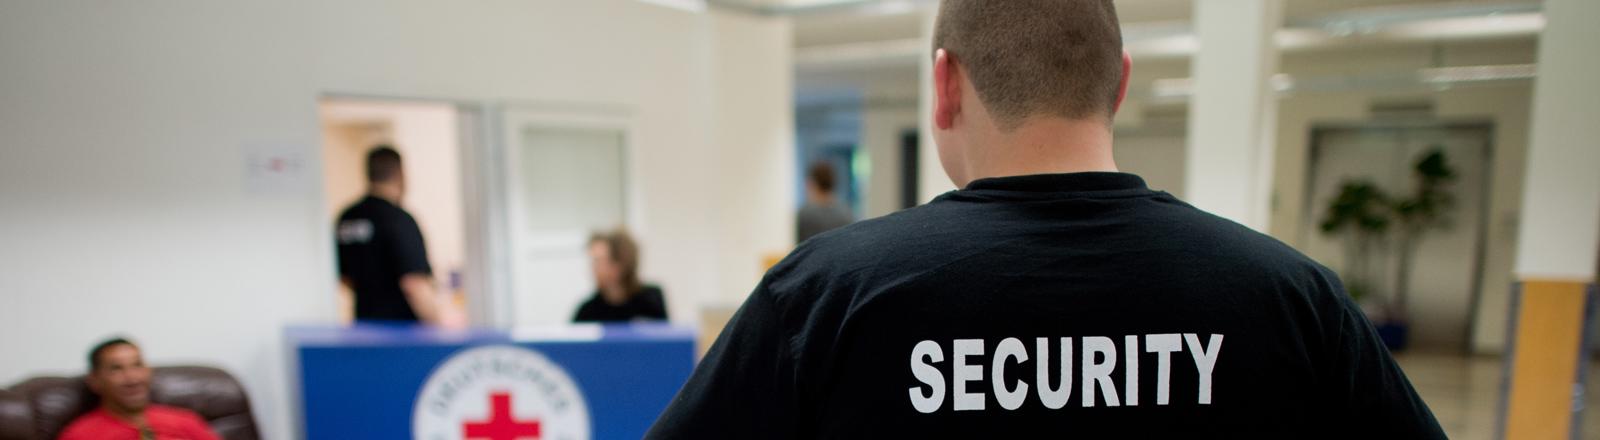 Ein Security-Mitarbeiter steht am 13.08.2015 im Eingangsbereich der Flüchtlingsunterkunft Oststadtkrankenhaus in Hannover